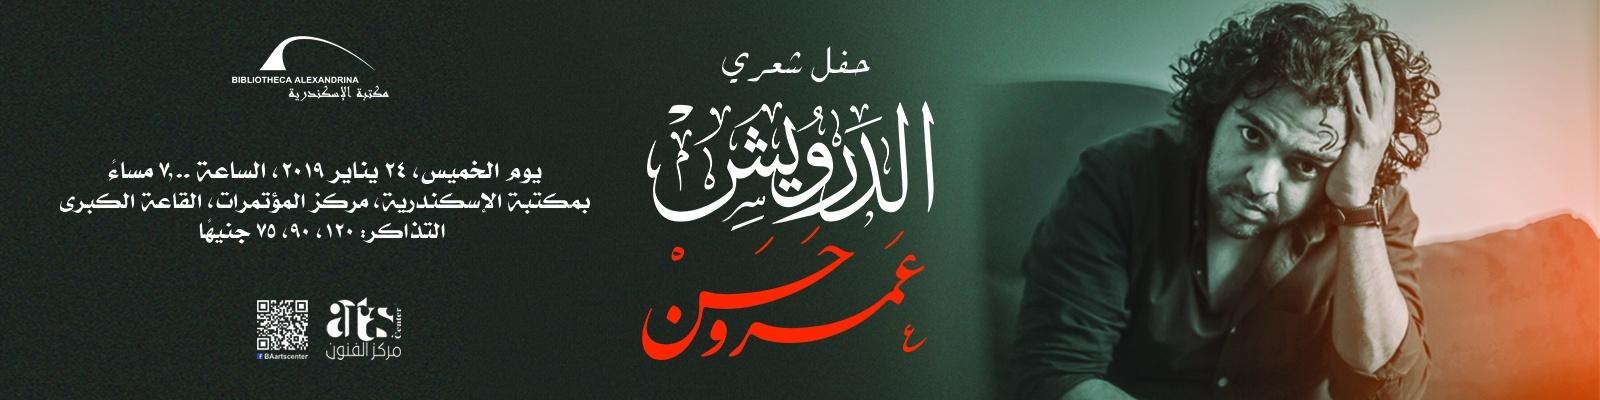 Récital de poésie : Amr Hassan